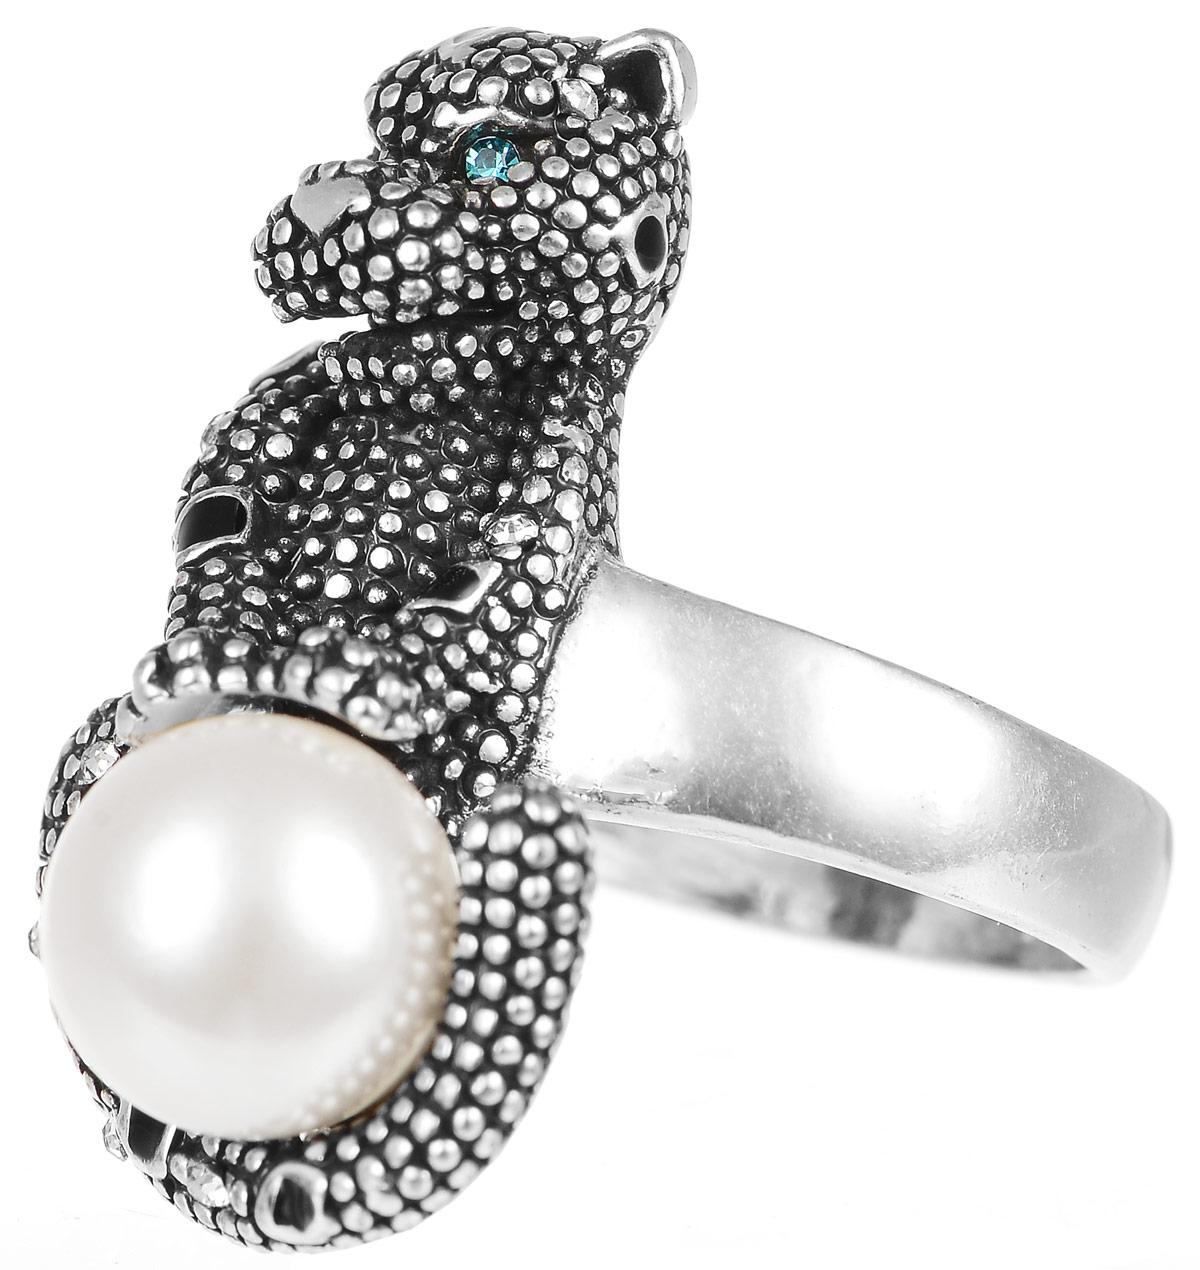 Кольцо Art-Silver, цвет: серебристый. 066700-950. Размер 17,5066700-950Стильное кольцо Art-Silver изготовлено из бижутерного сплава. Декоративный элемент кольца, выполненный в виде леопарда, дополнен искусственным жемчугом Майорика и цирконами. Стильное кольцо придаст вашему образу изюминку и подчеркнет индивидуальность.